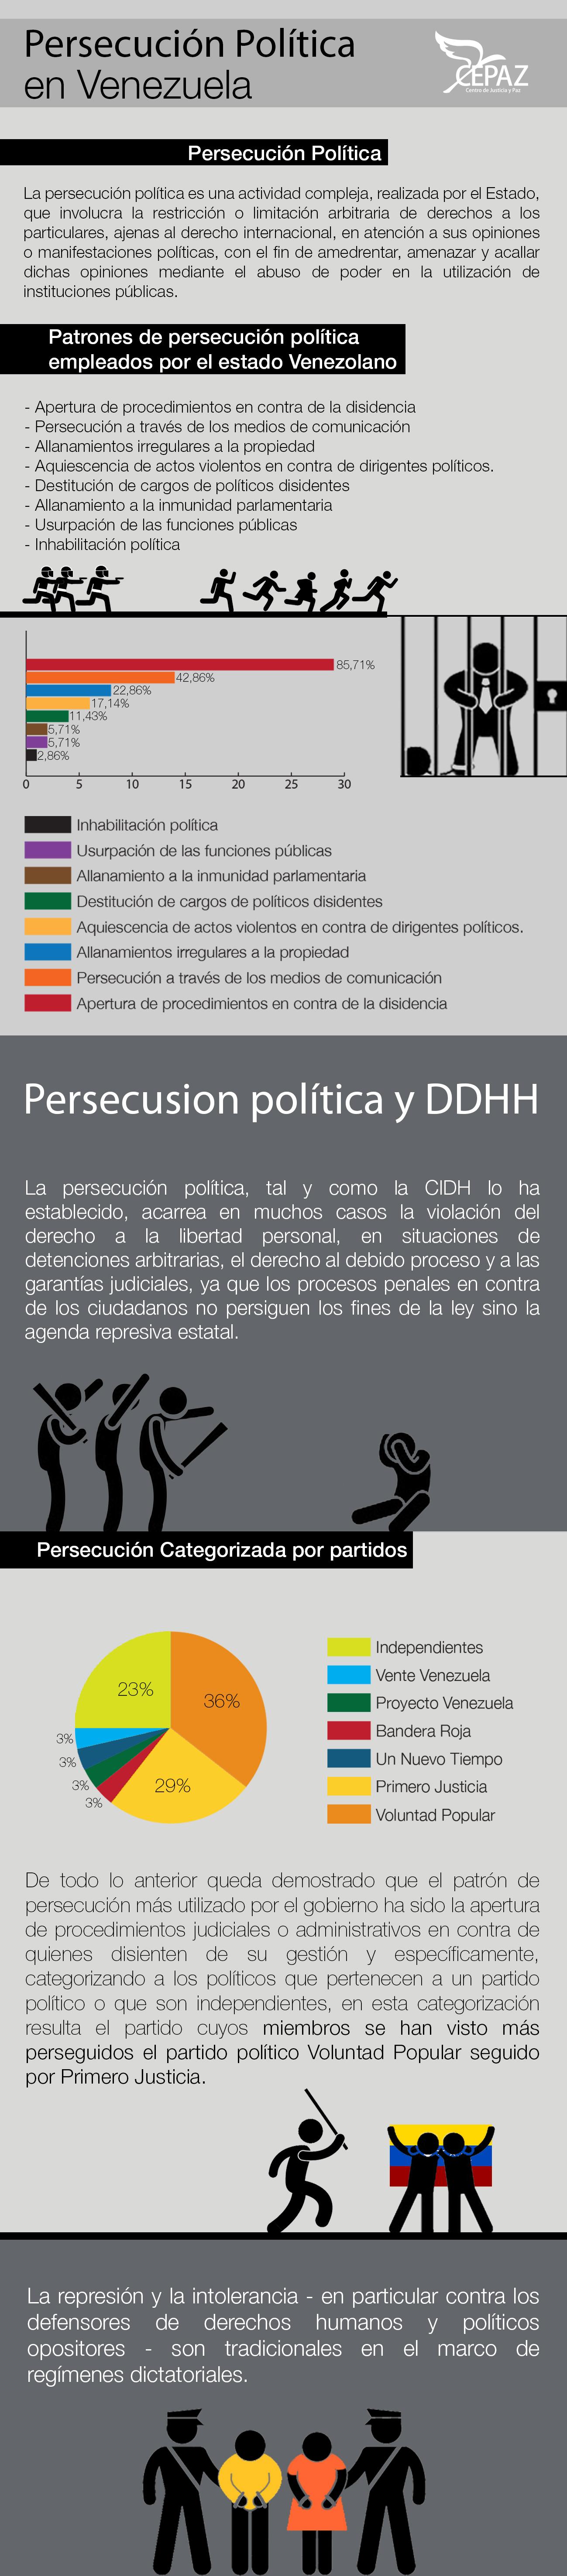 infografía-DDHH_VZLA_3